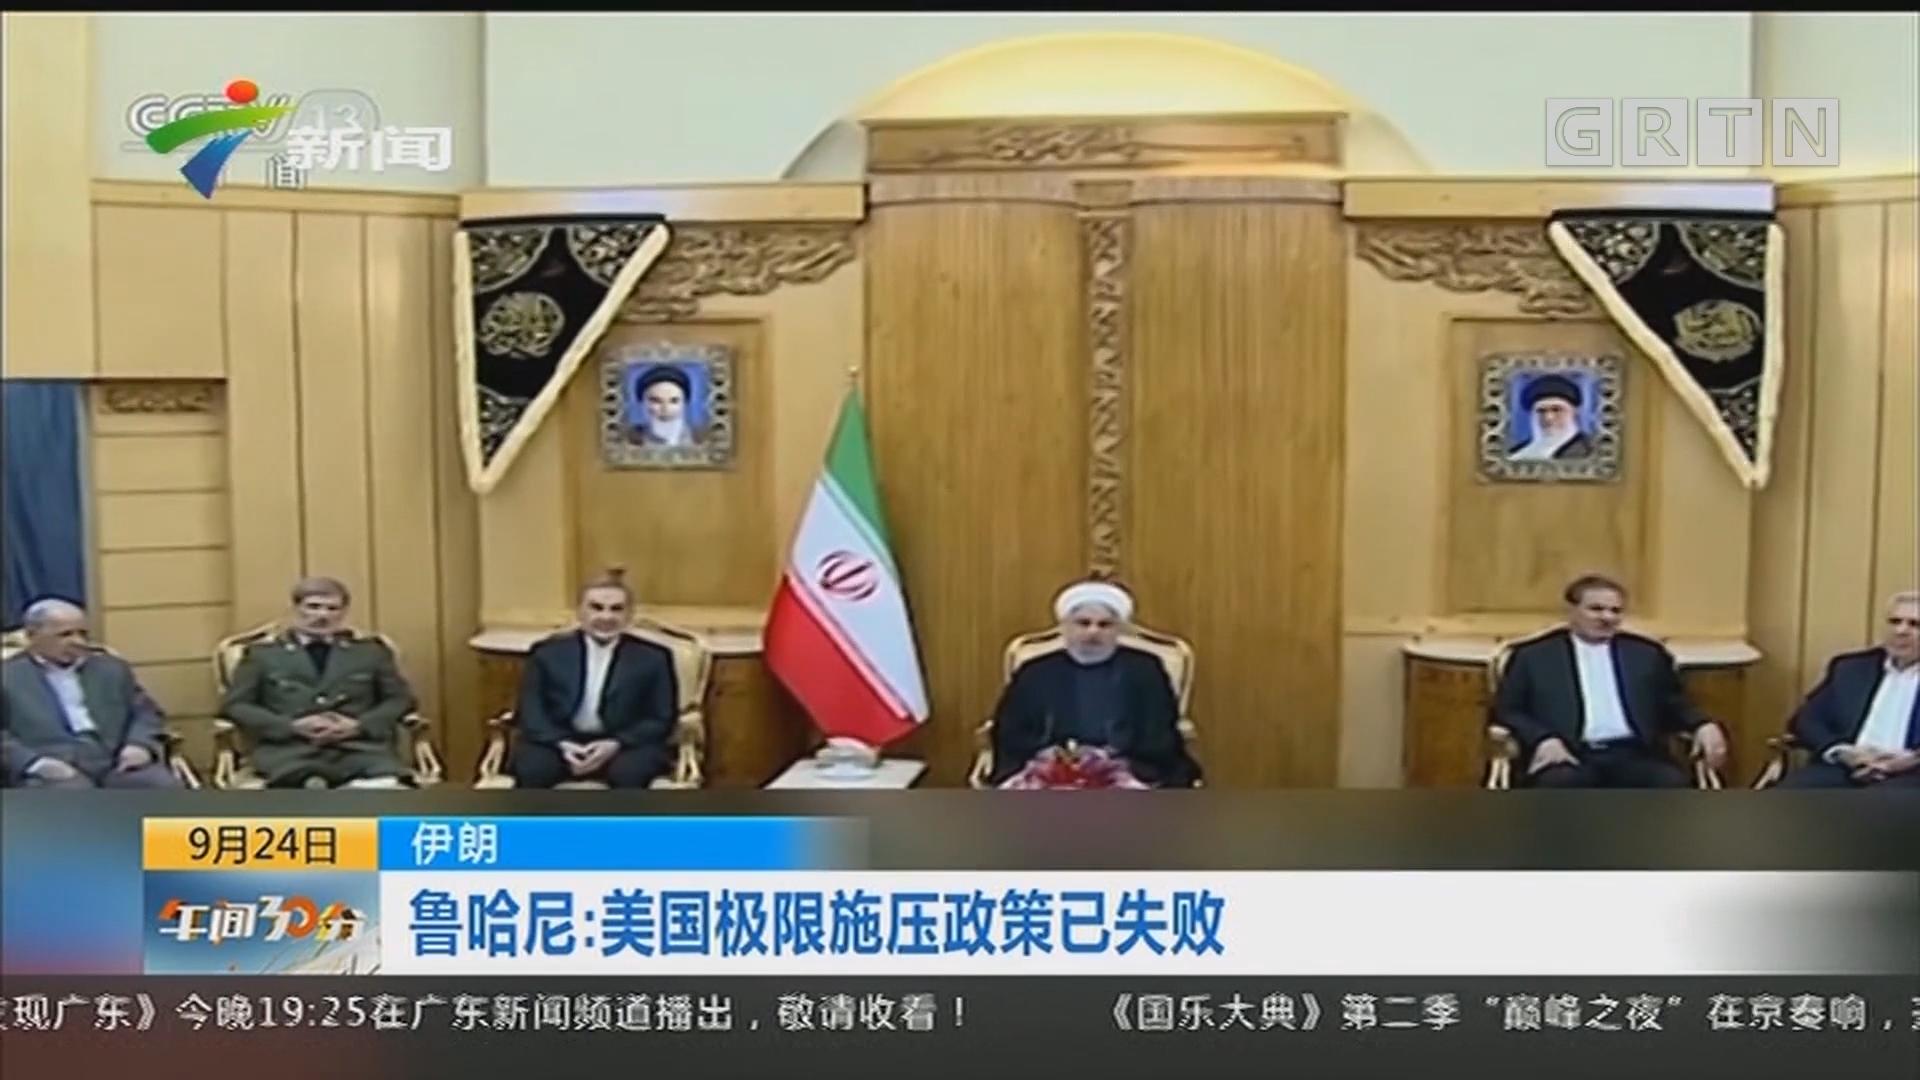 伊朗 鲁哈尼:美国极限施压政策已失败